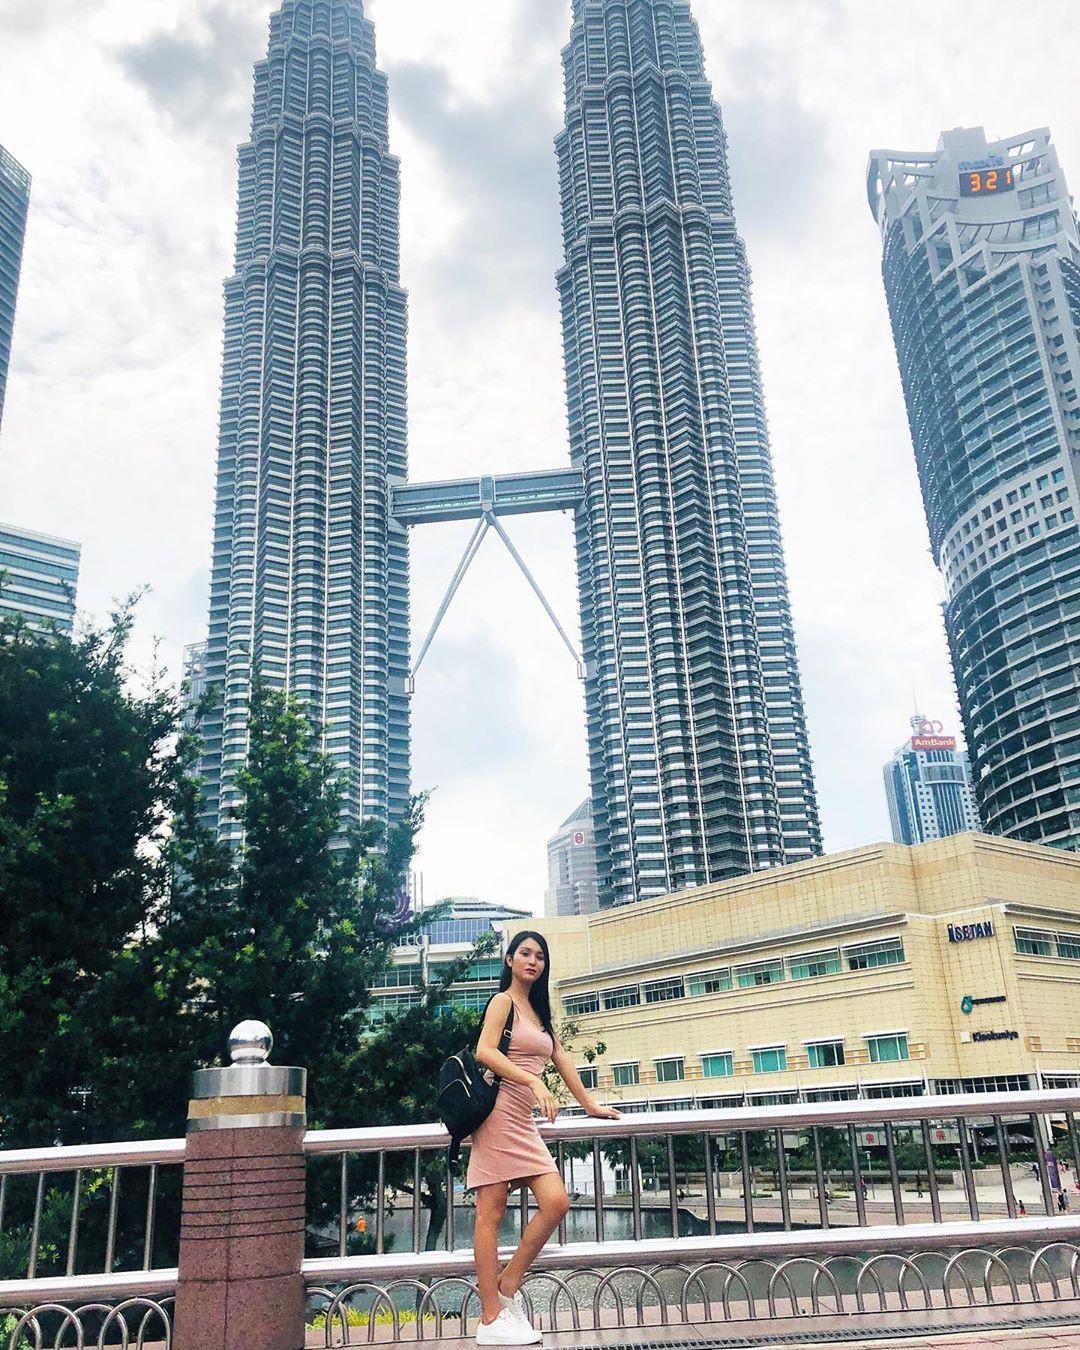 Có cả triệu người chụp ảnh dưới toà tháp Petronas Twin Tower nhưng không phải ai cũng biết bí quyết để có tấm ảnh lung linh nhất - Ảnh 6.